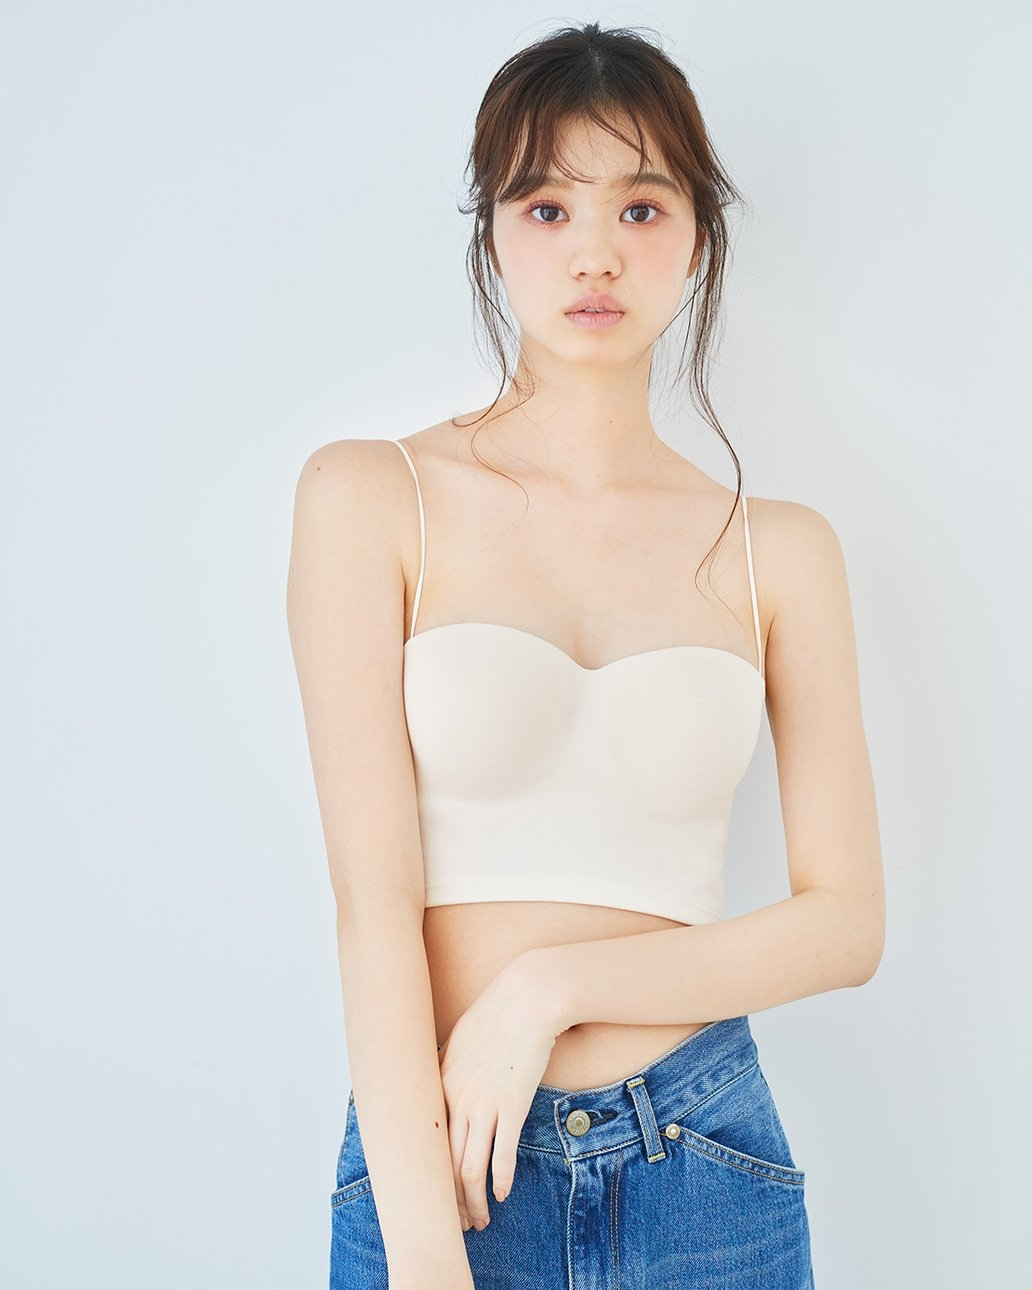 日本必買內衣PEACH JOHN熱銷TOP3公開!聯手ROBINMAY推出全新企劃,再次爆擊少女心